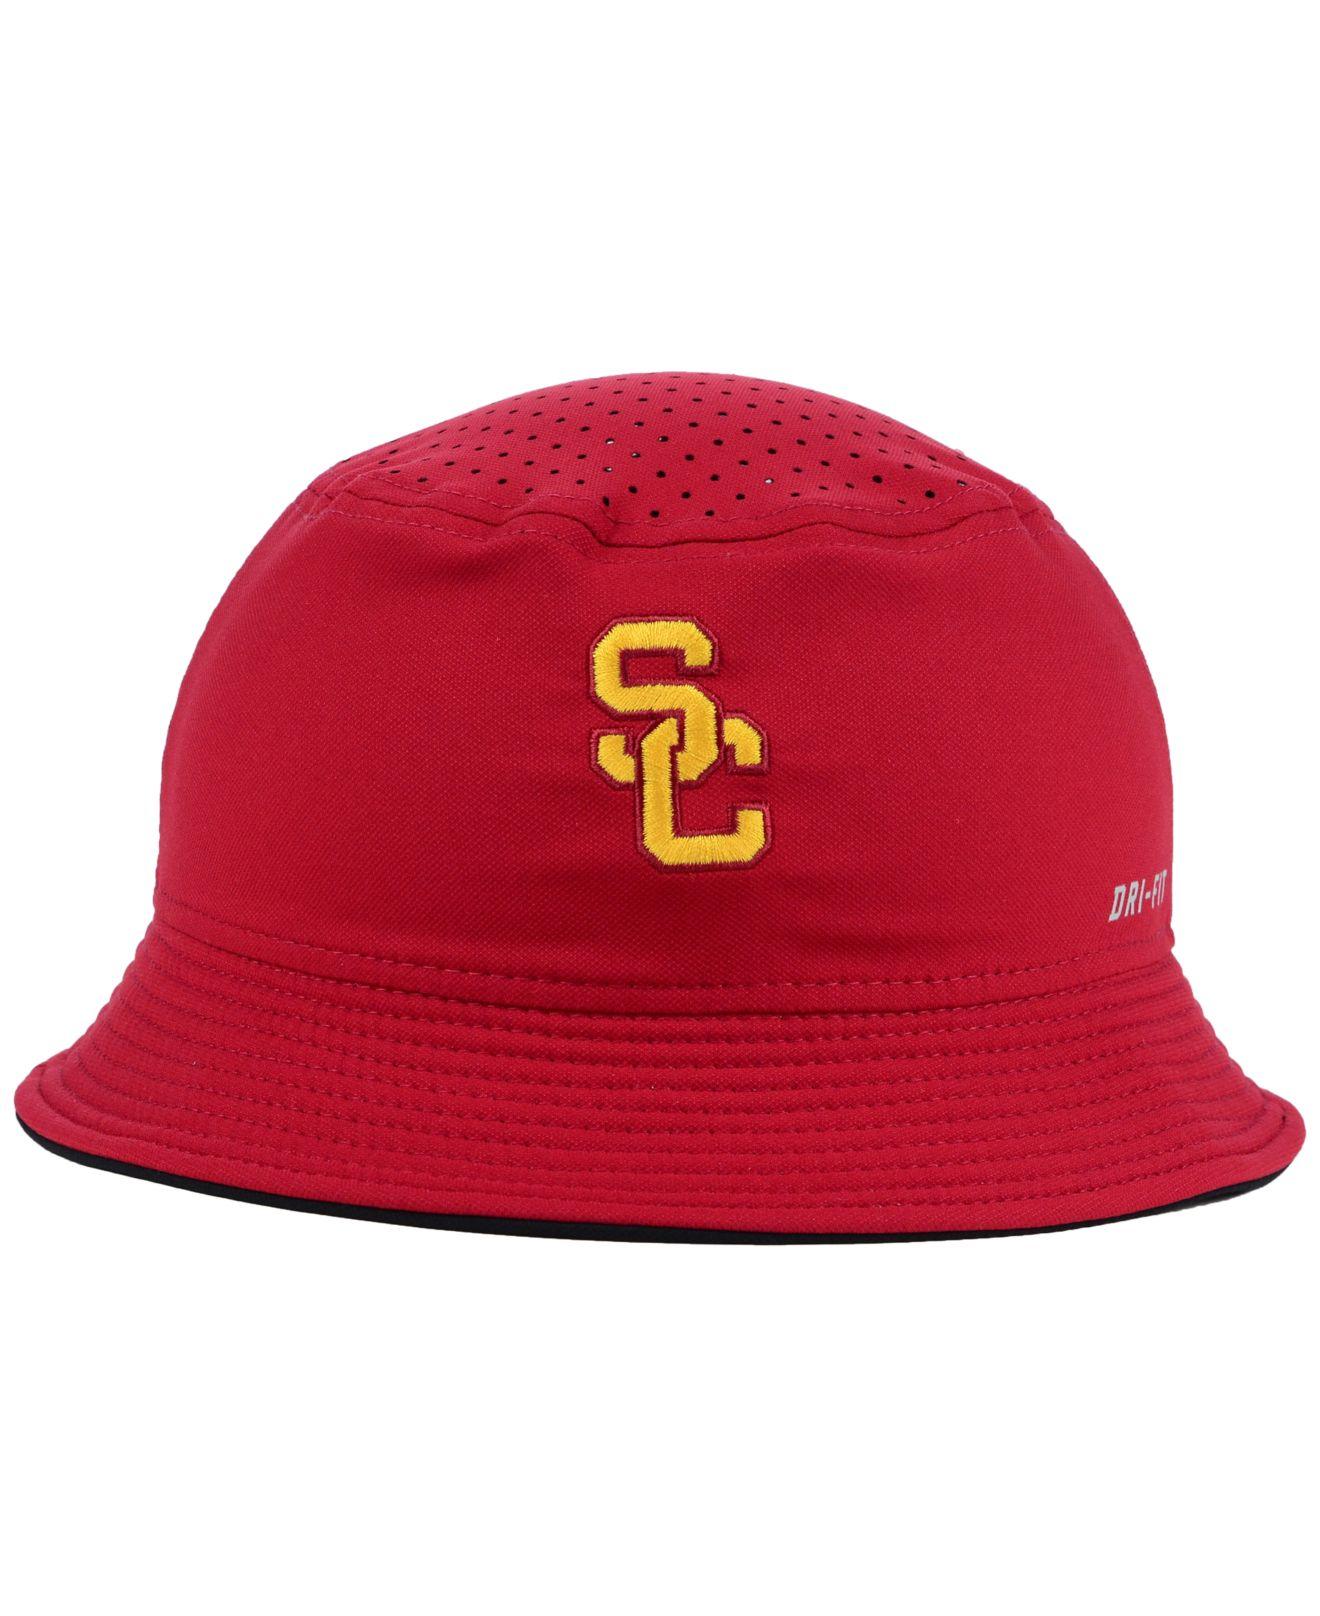 new style 5676e 51beb czech lyst nike usc trojans vapor bucket hat in red for men 482d8 ae222